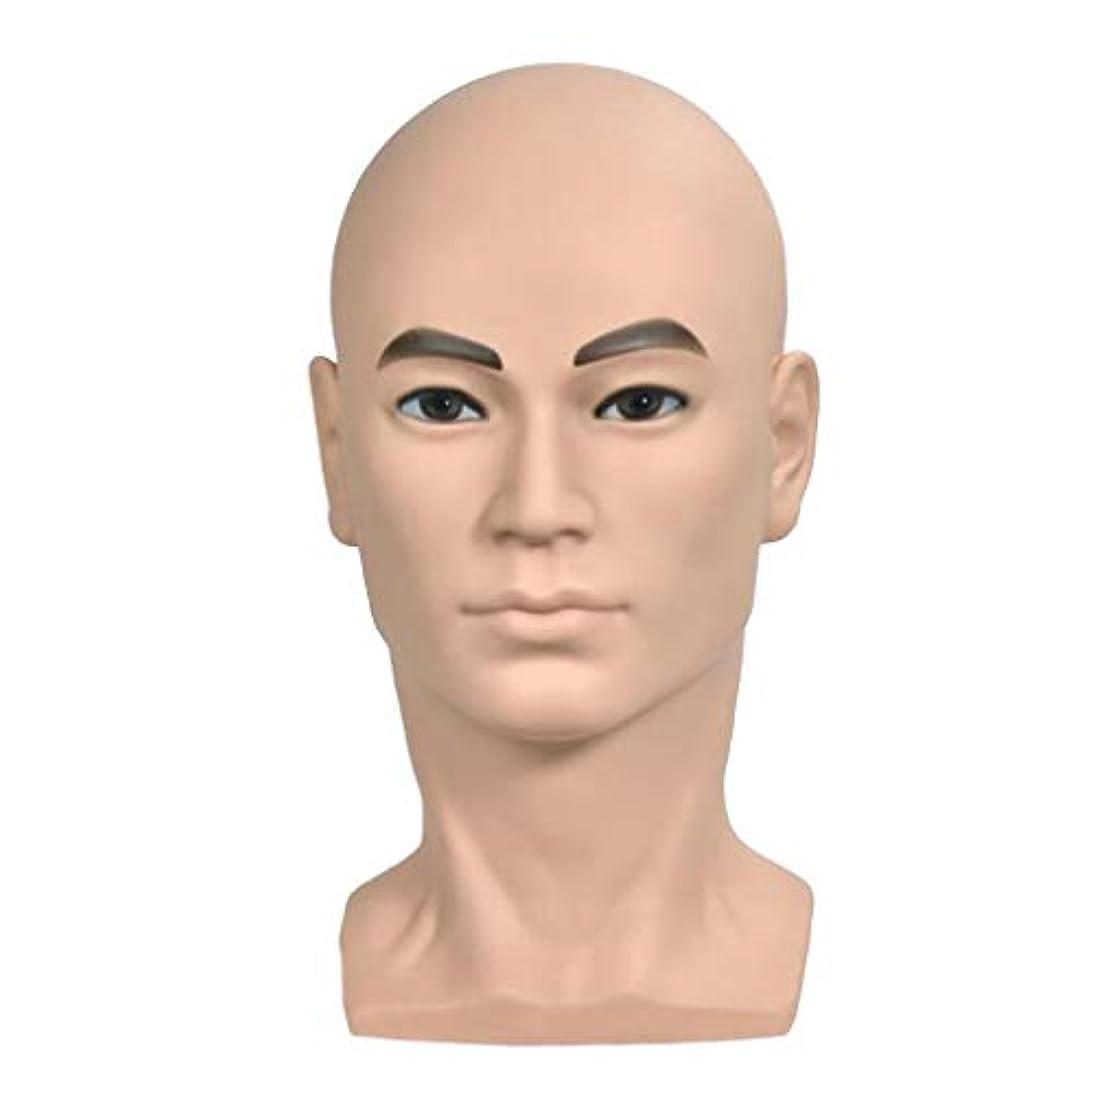 平凡特徴空いているマネキンヘッド 男性 ヘッドモデル ウィッグ 帽子 ディスプレイ ホルダー 美容院 家